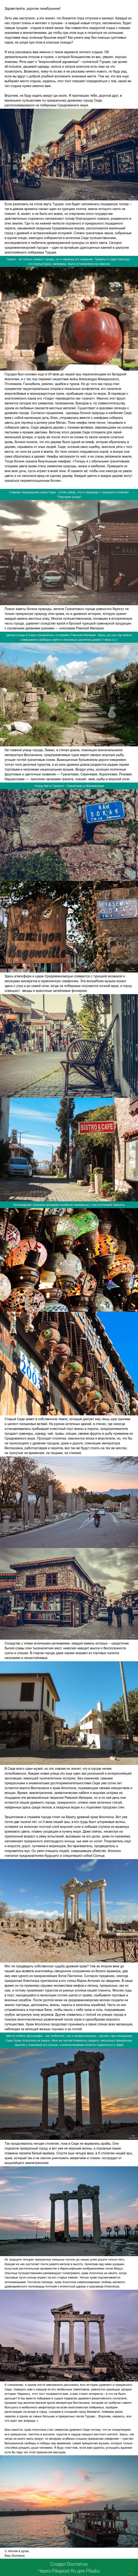 Симфония Гранатового города Мое путешествие по турецкому Сиде с фотографиями. Часть 1-я, Храм Аполлона